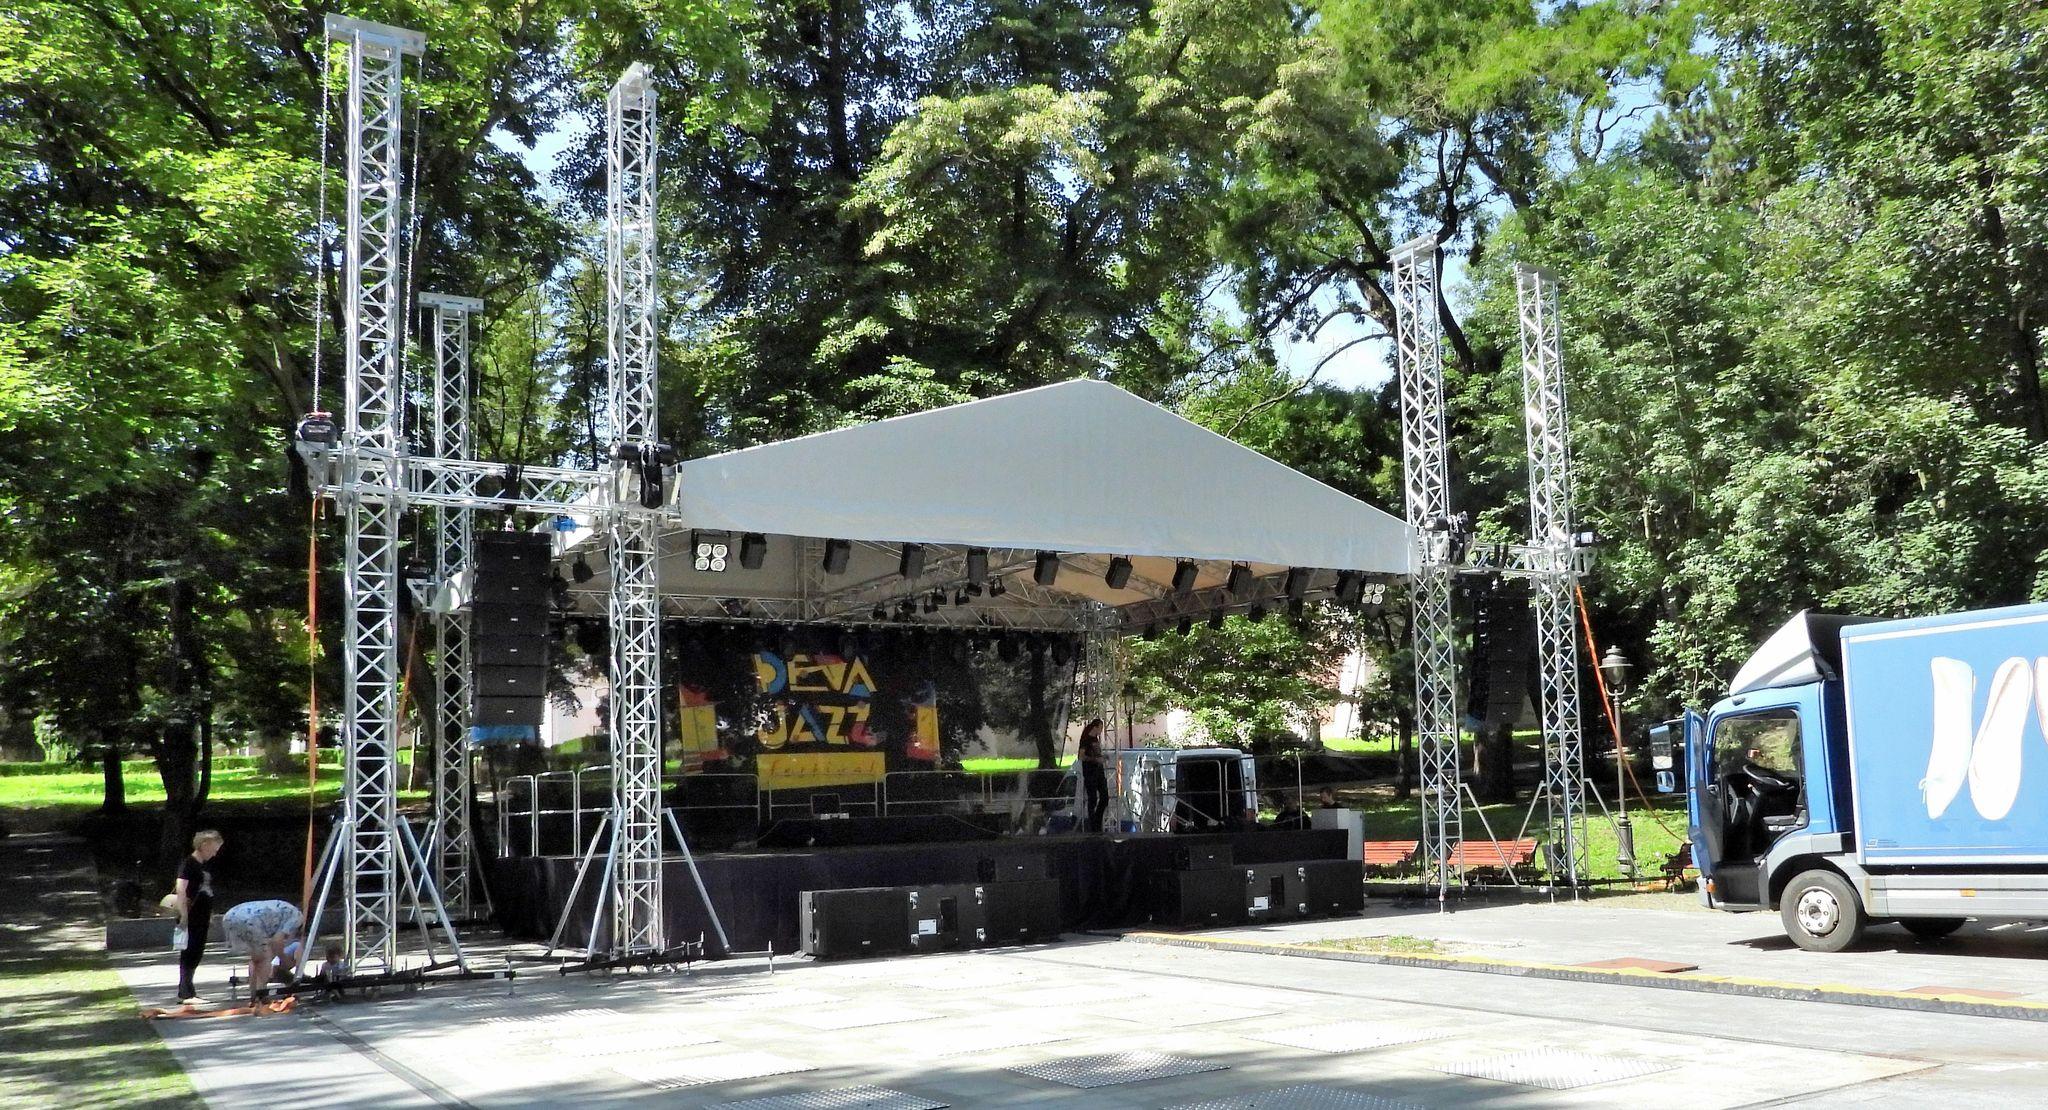 Deva Jazz Festival, ediția a III-a, debutează astăzi